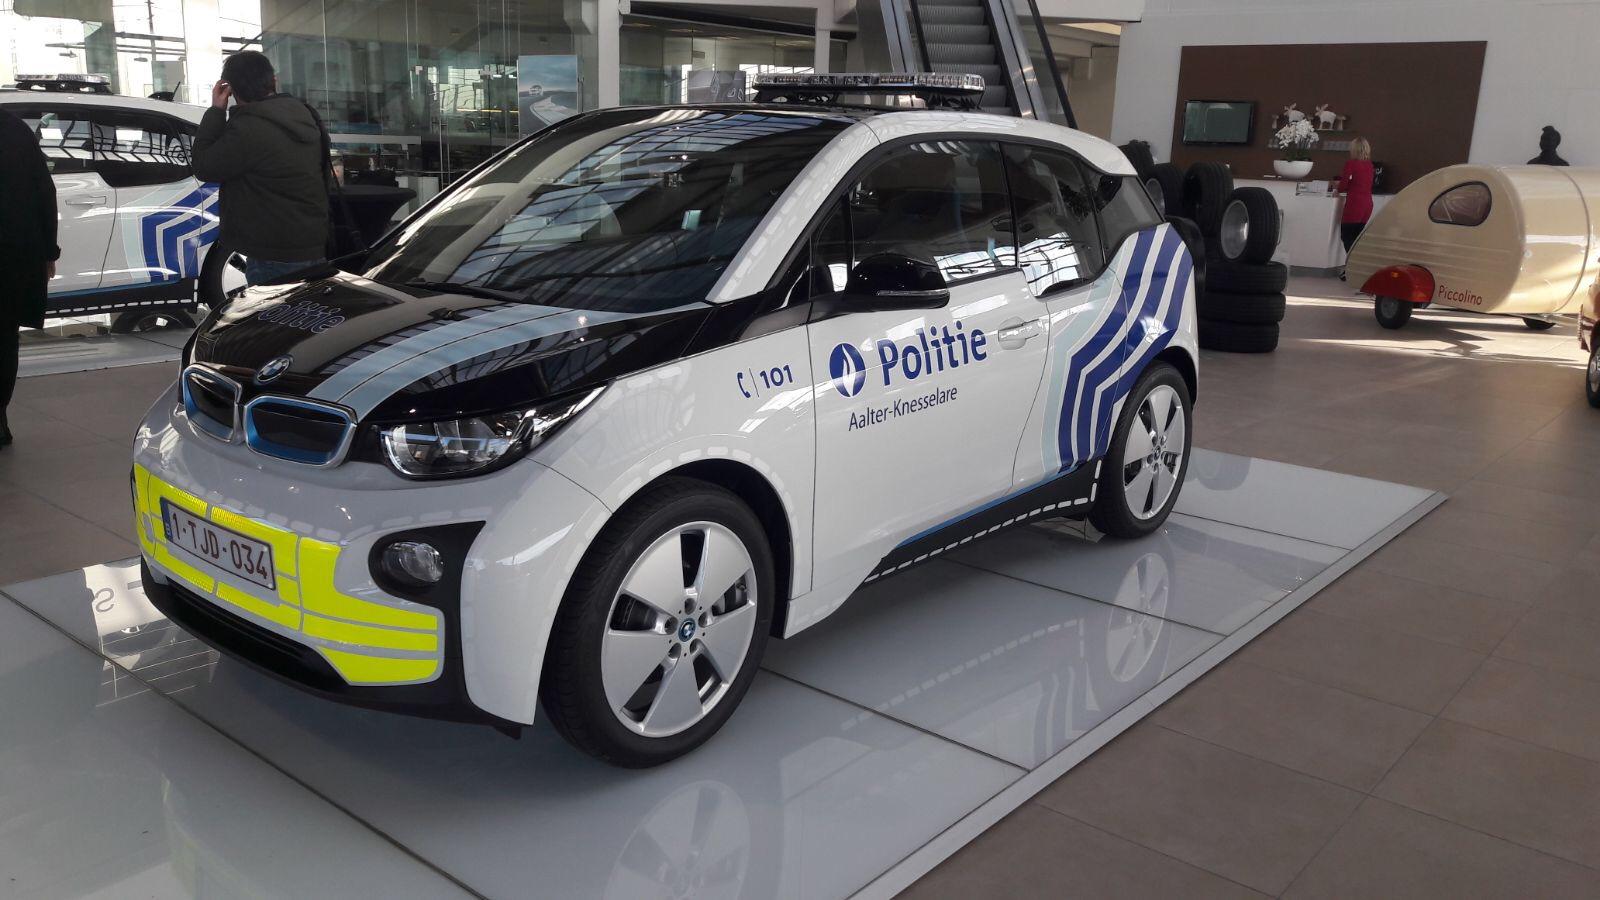 Politiezone Aalter – Knesselare kiest voor duurzaamheid met volledig elektrische BMW i3's.